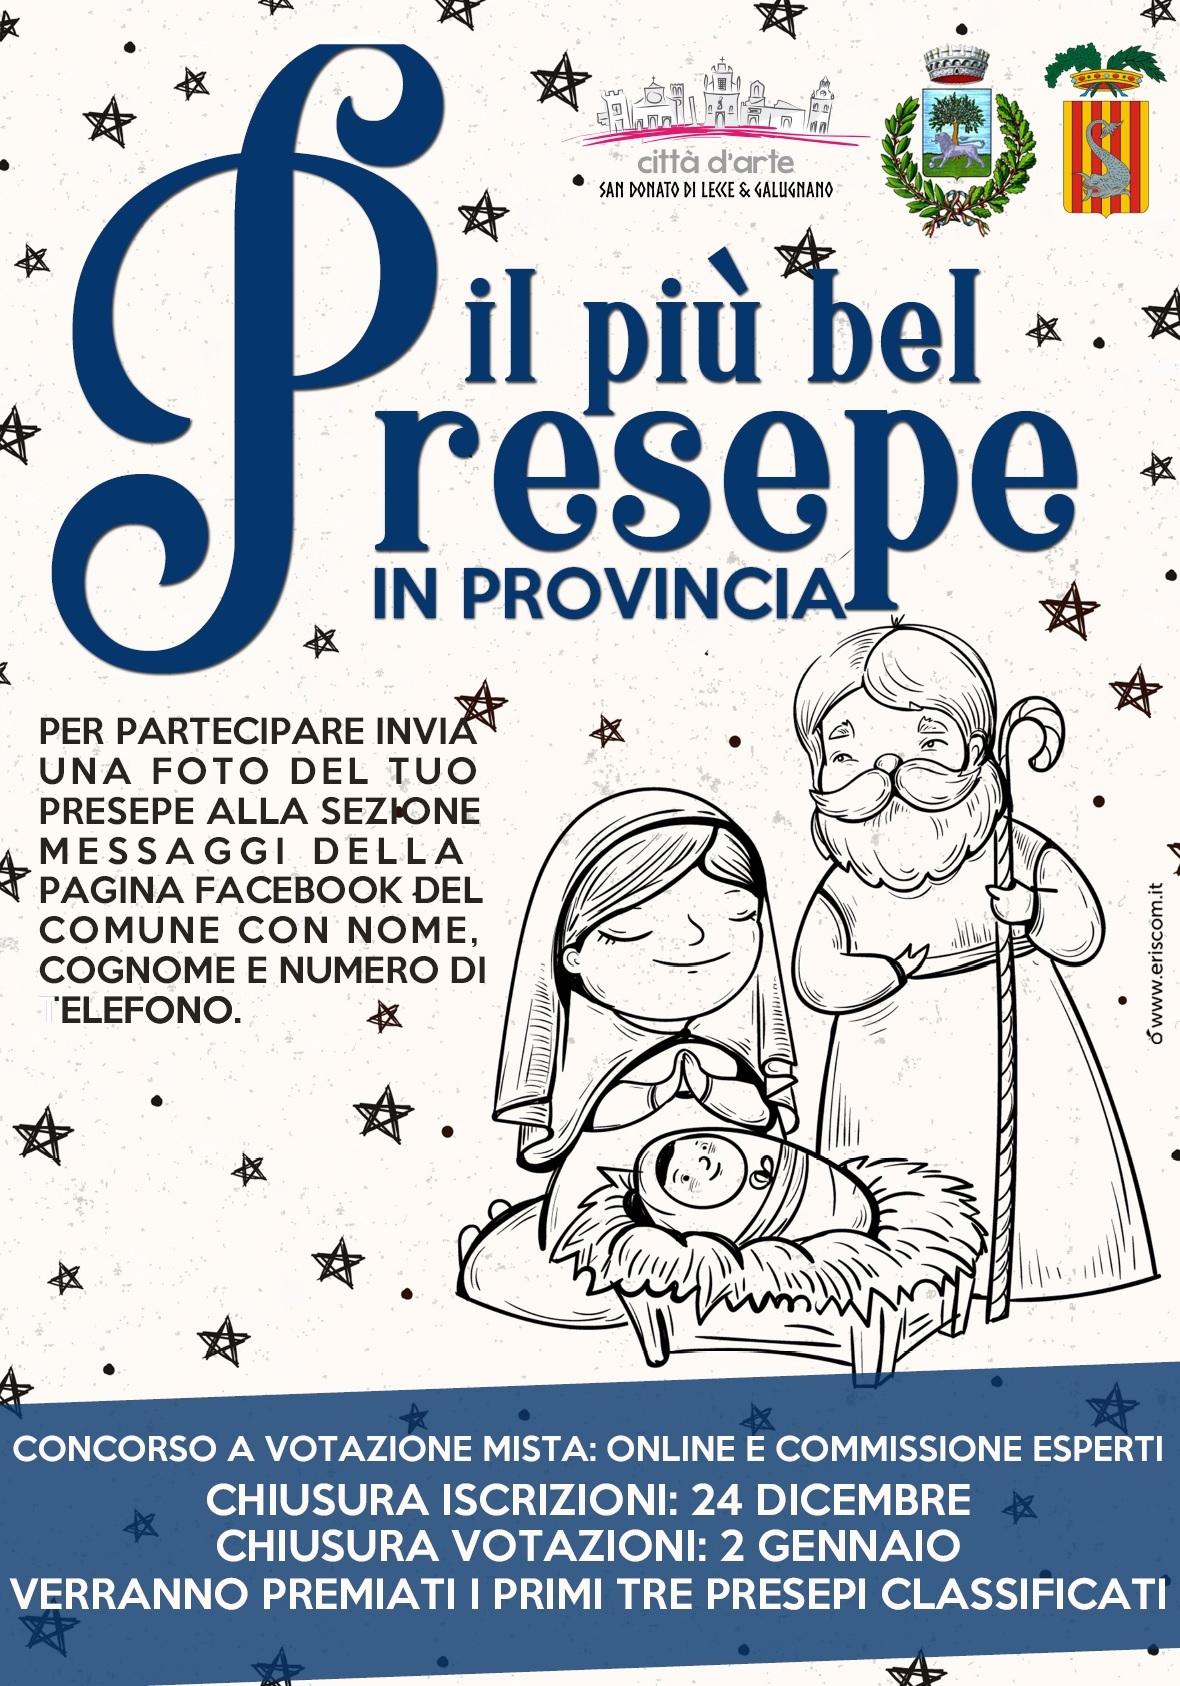 Concorso Presepe Provincia e Comune San Donato